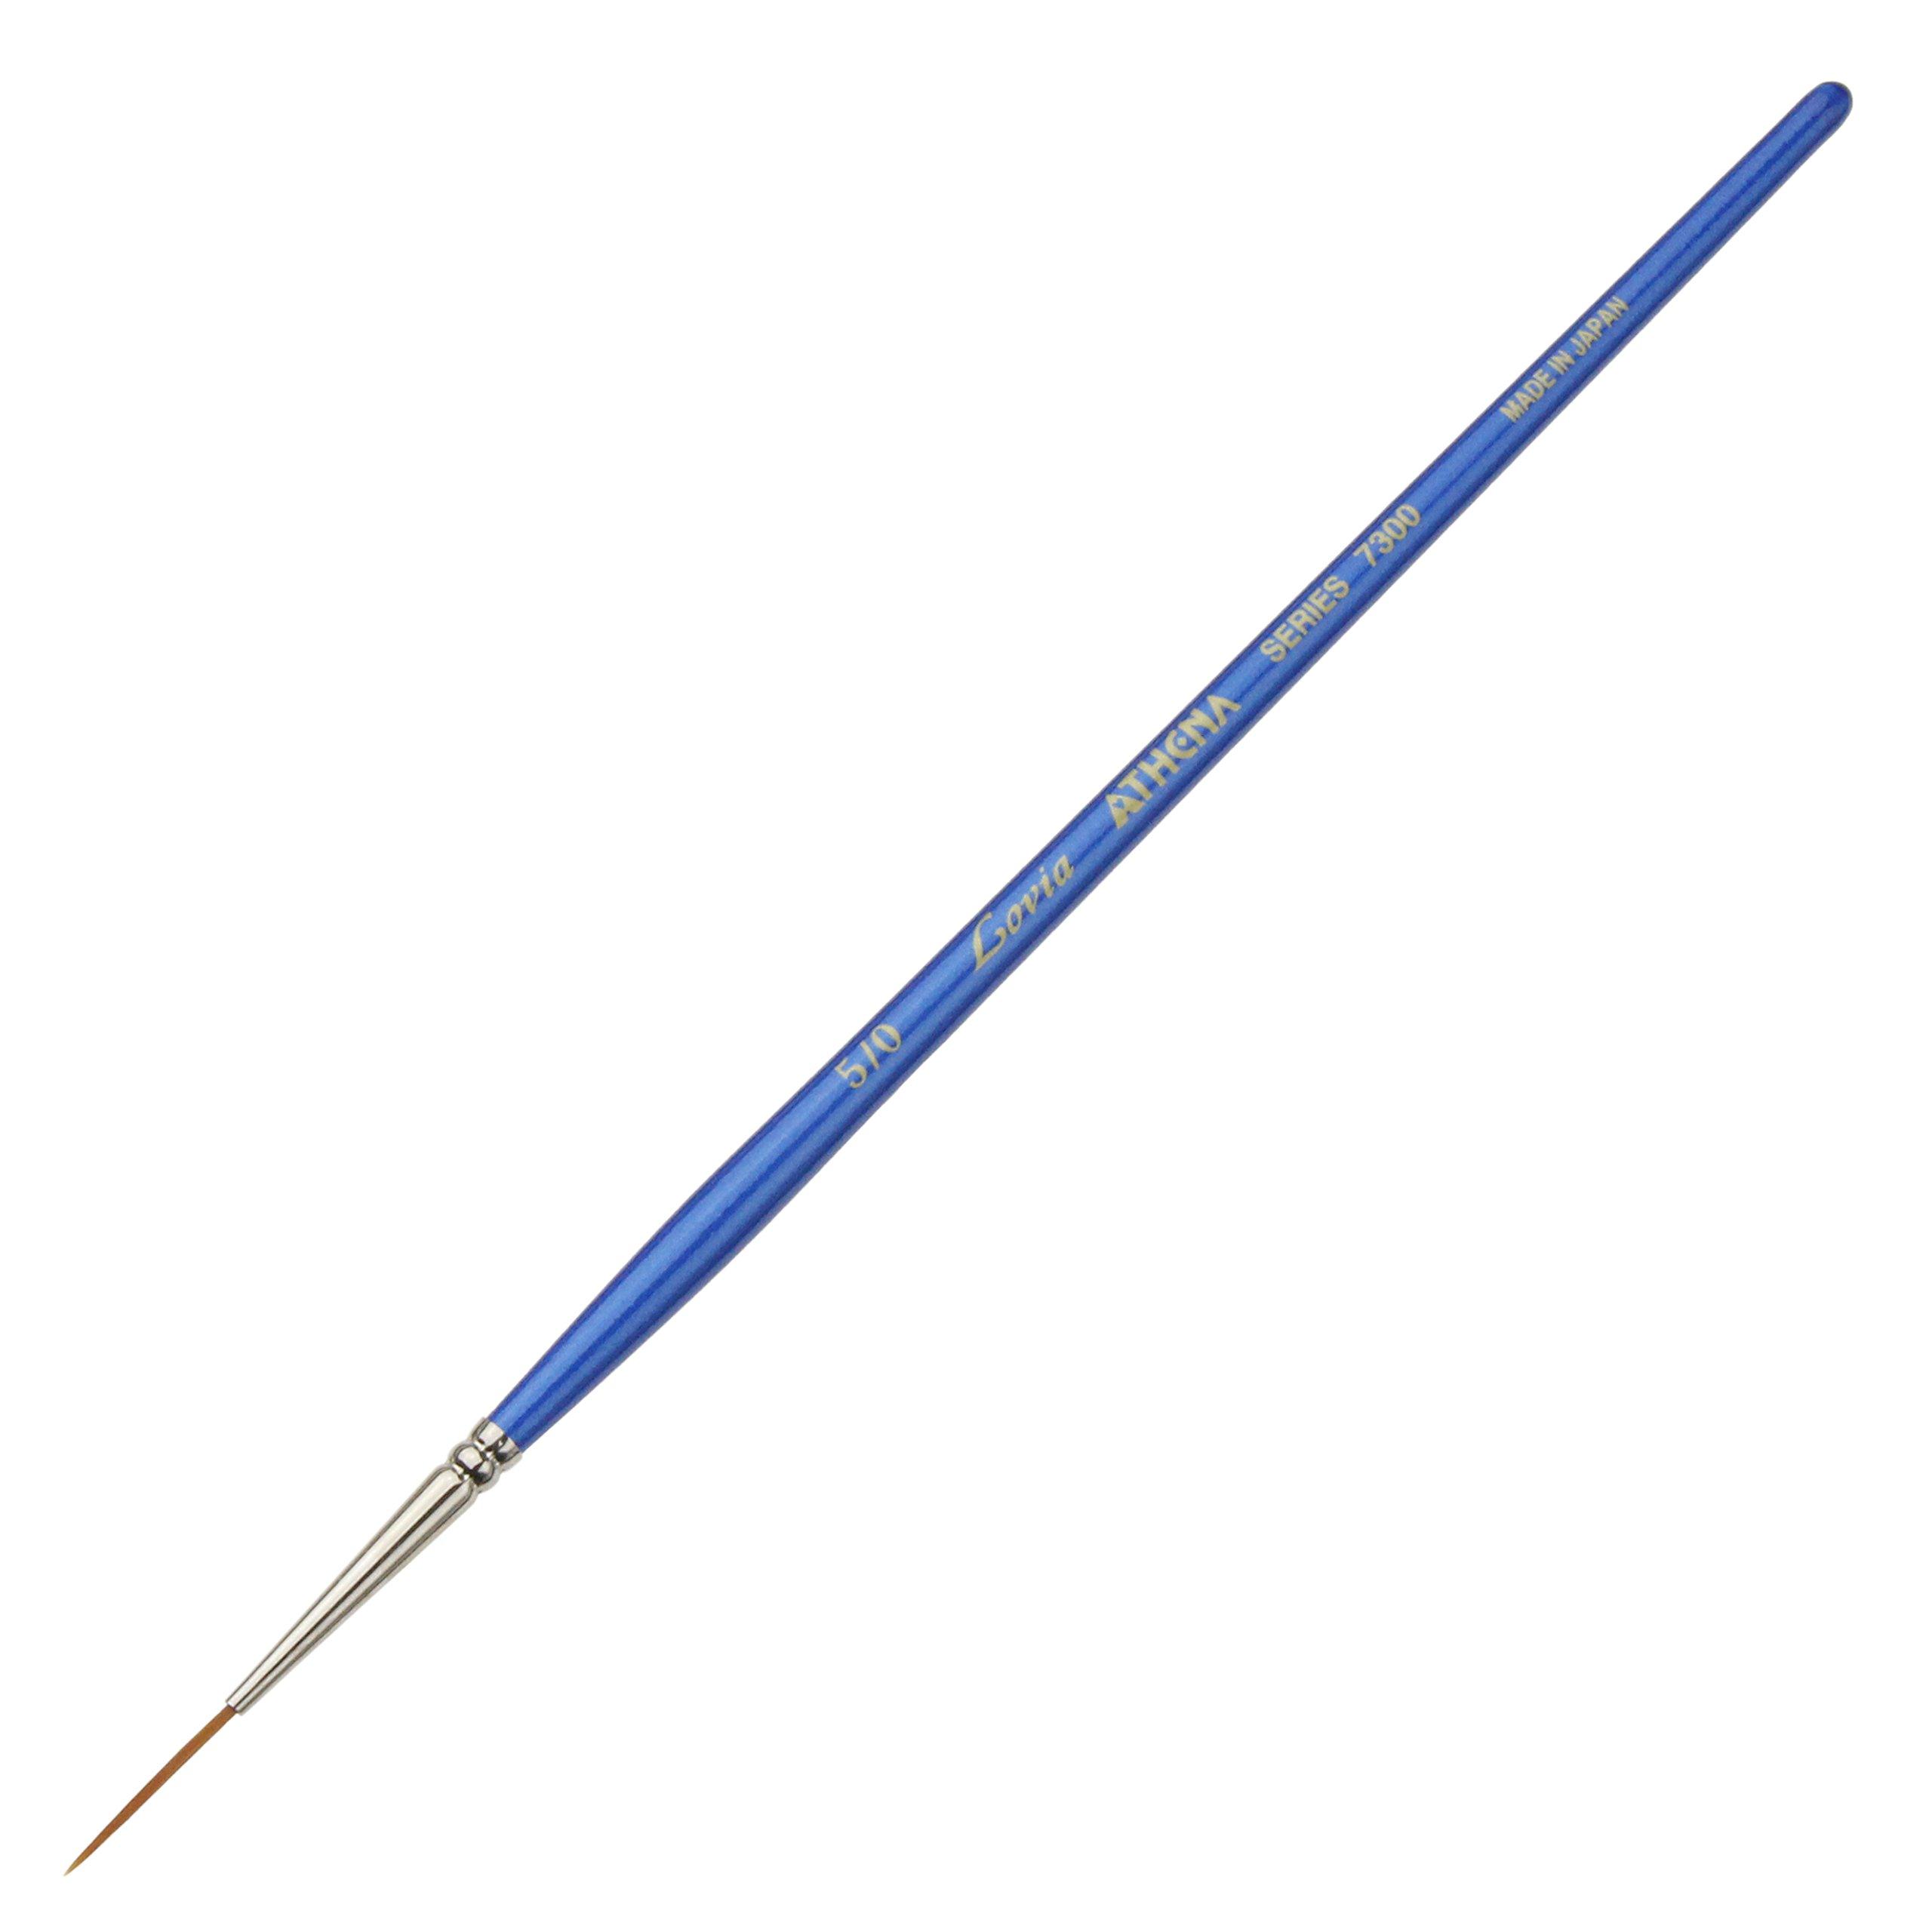 Athena SCRIPT LINER 7300-5/0 Paint Brush